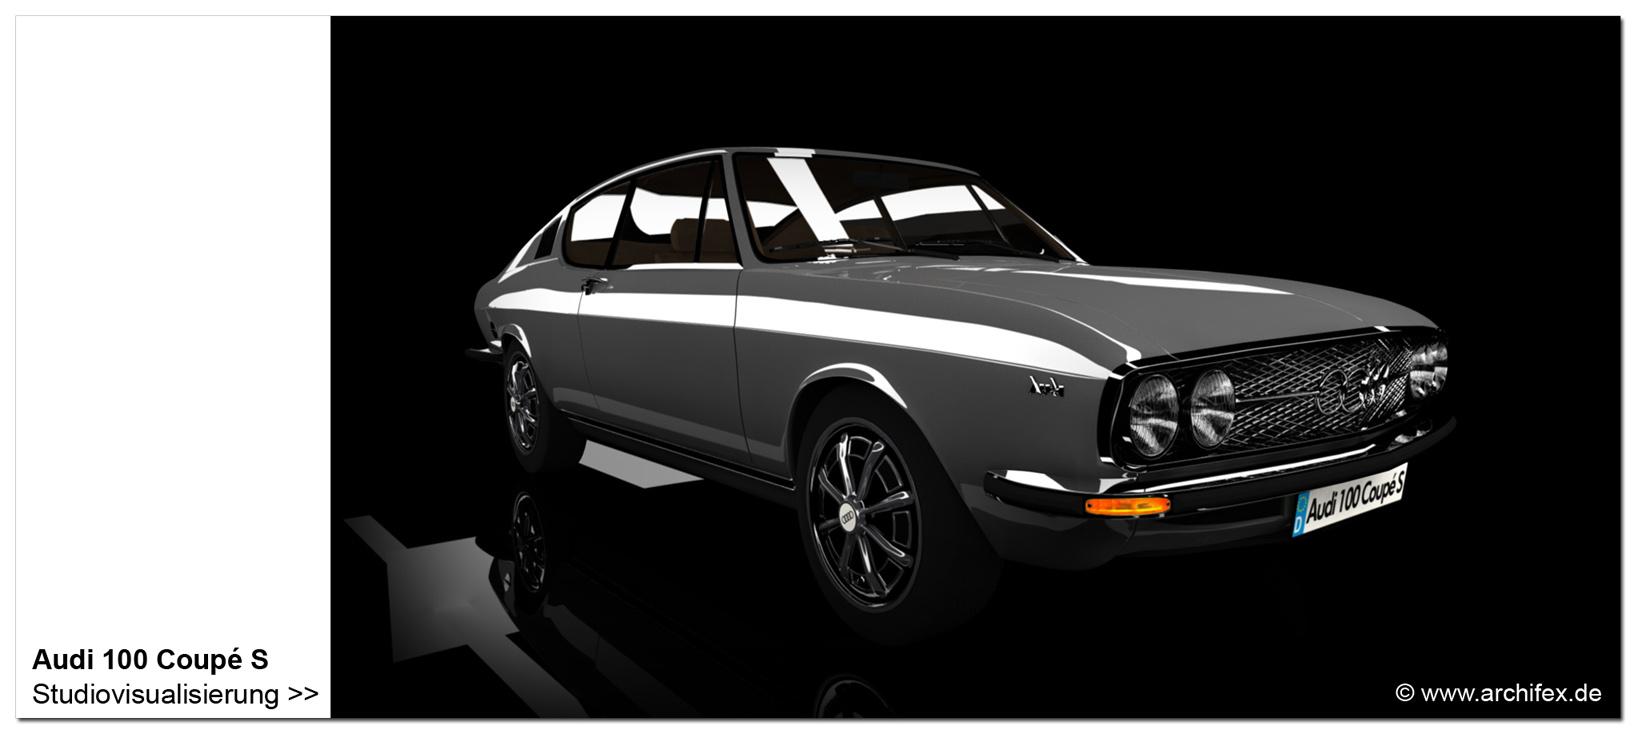 Audi_100_Coupe_S_Studio_